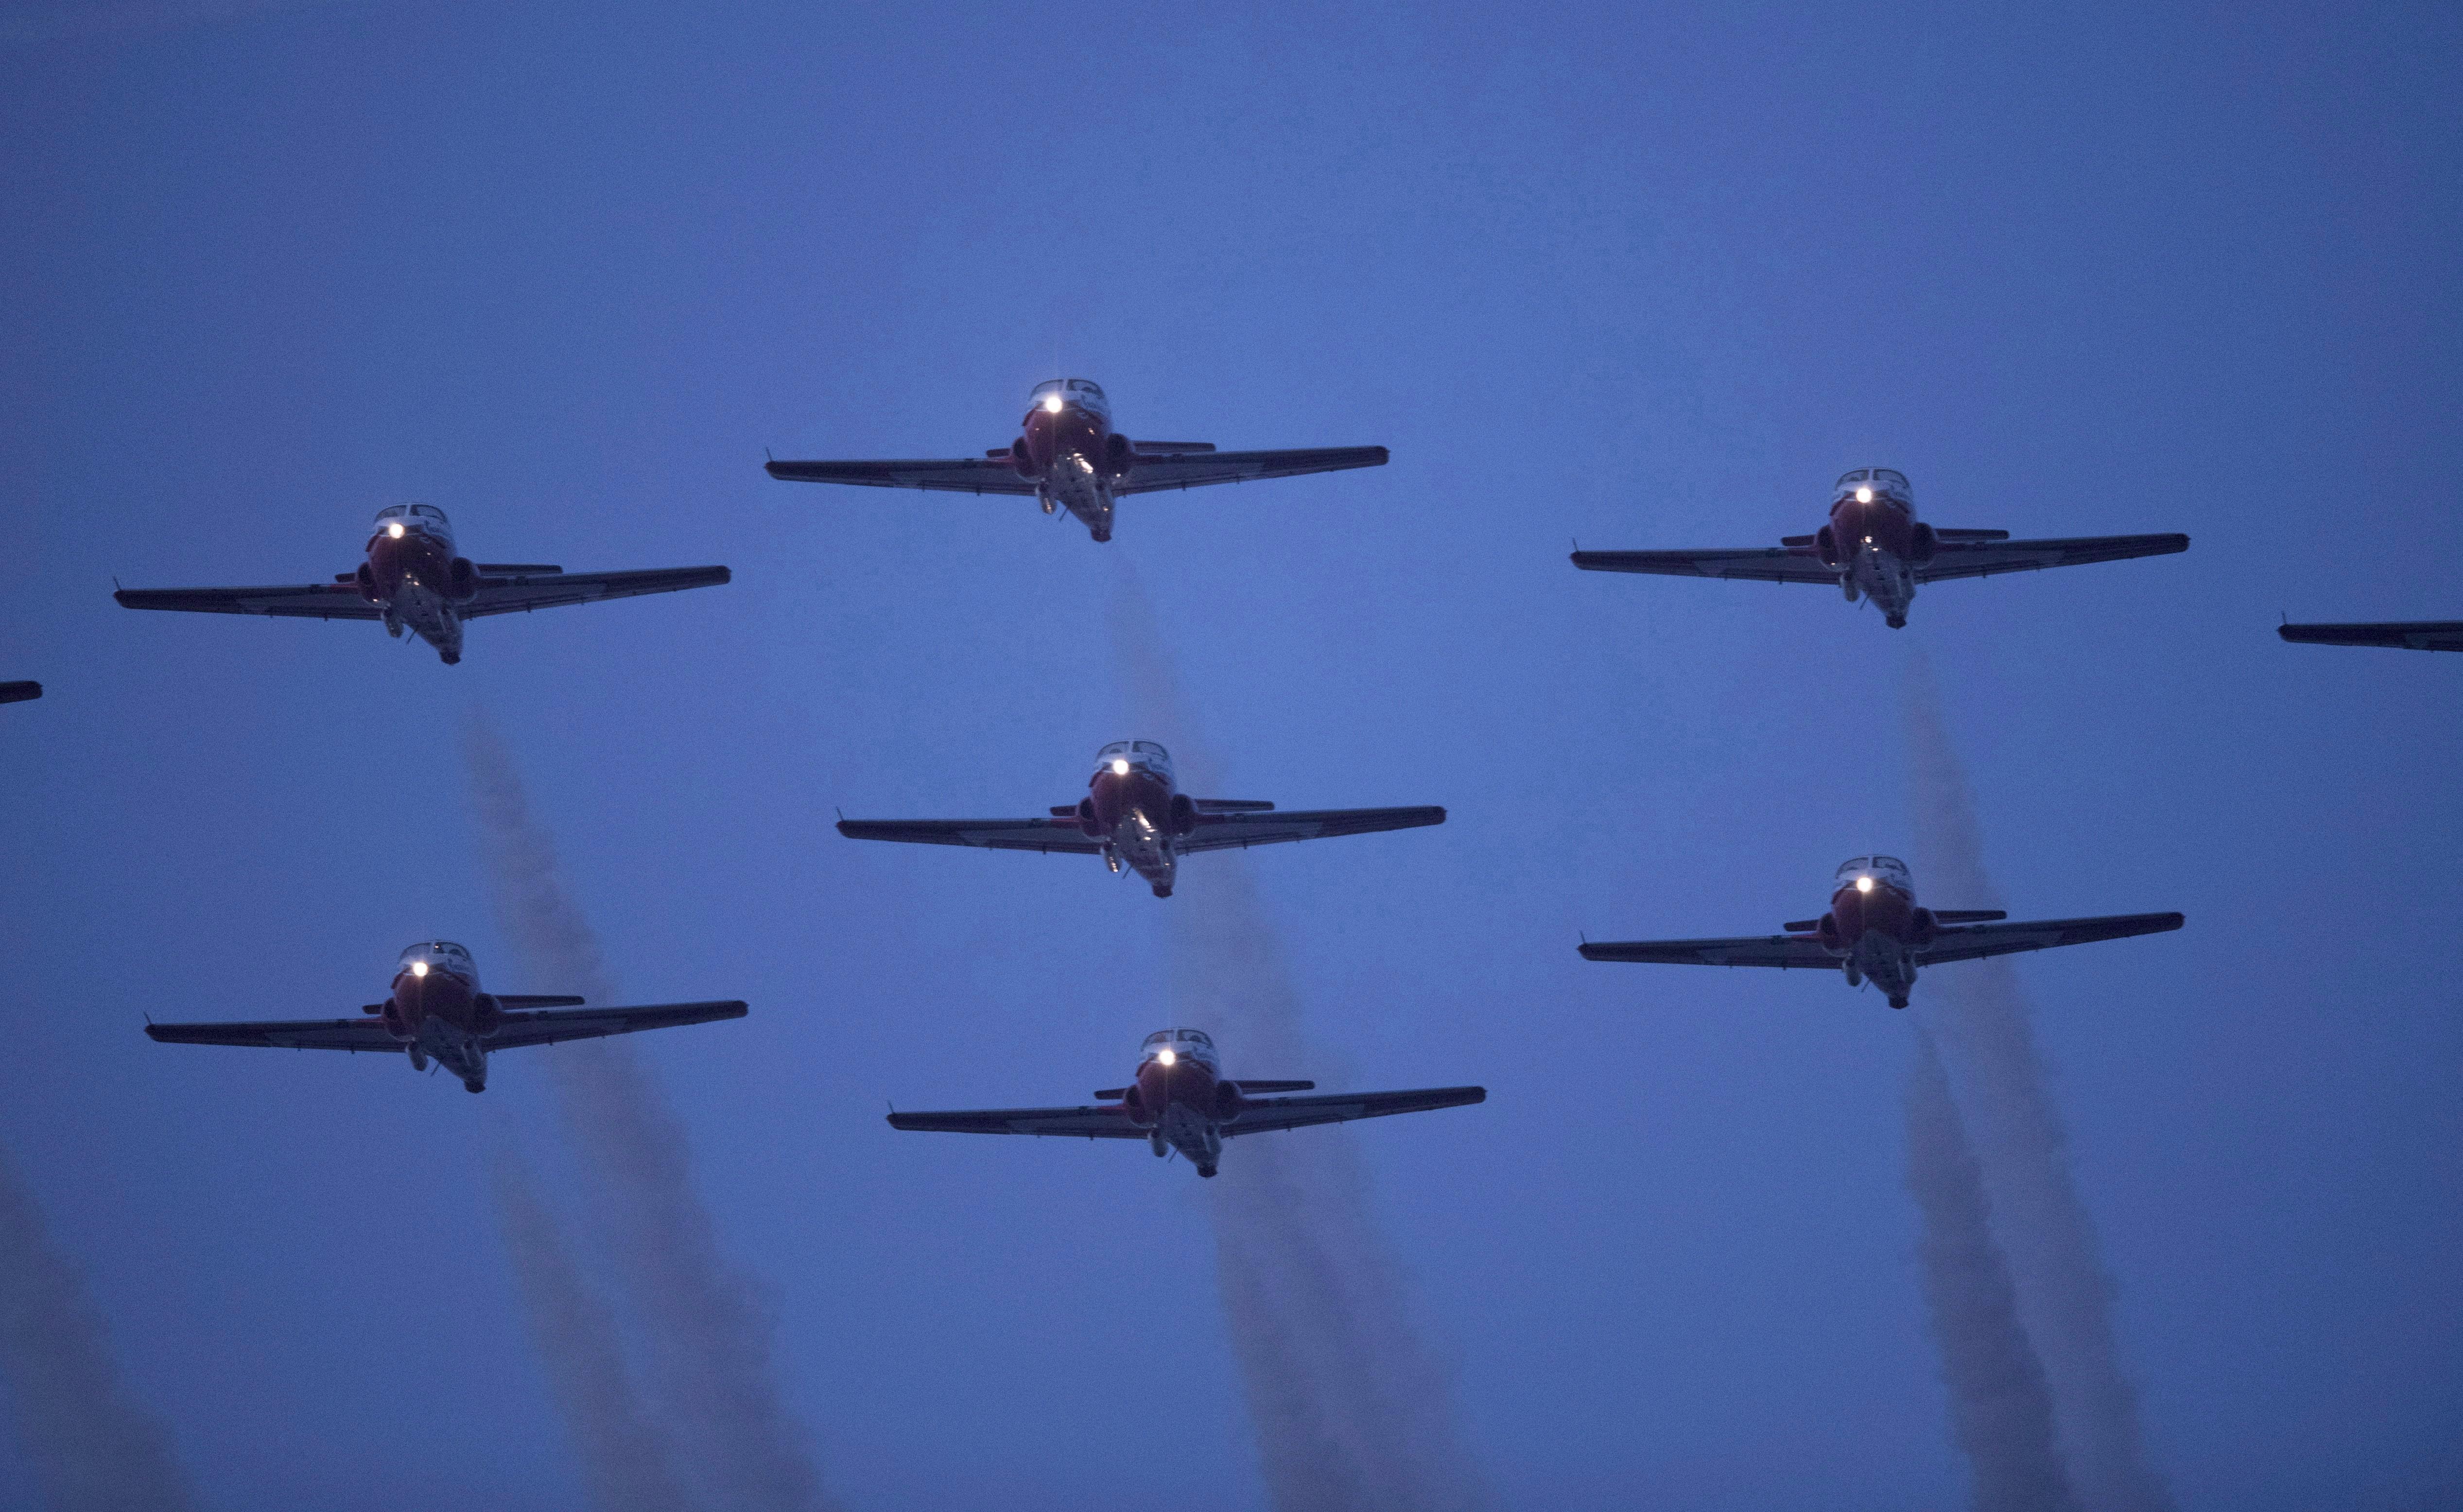 CF-18 pilot safe after plane crashes in Atlanta